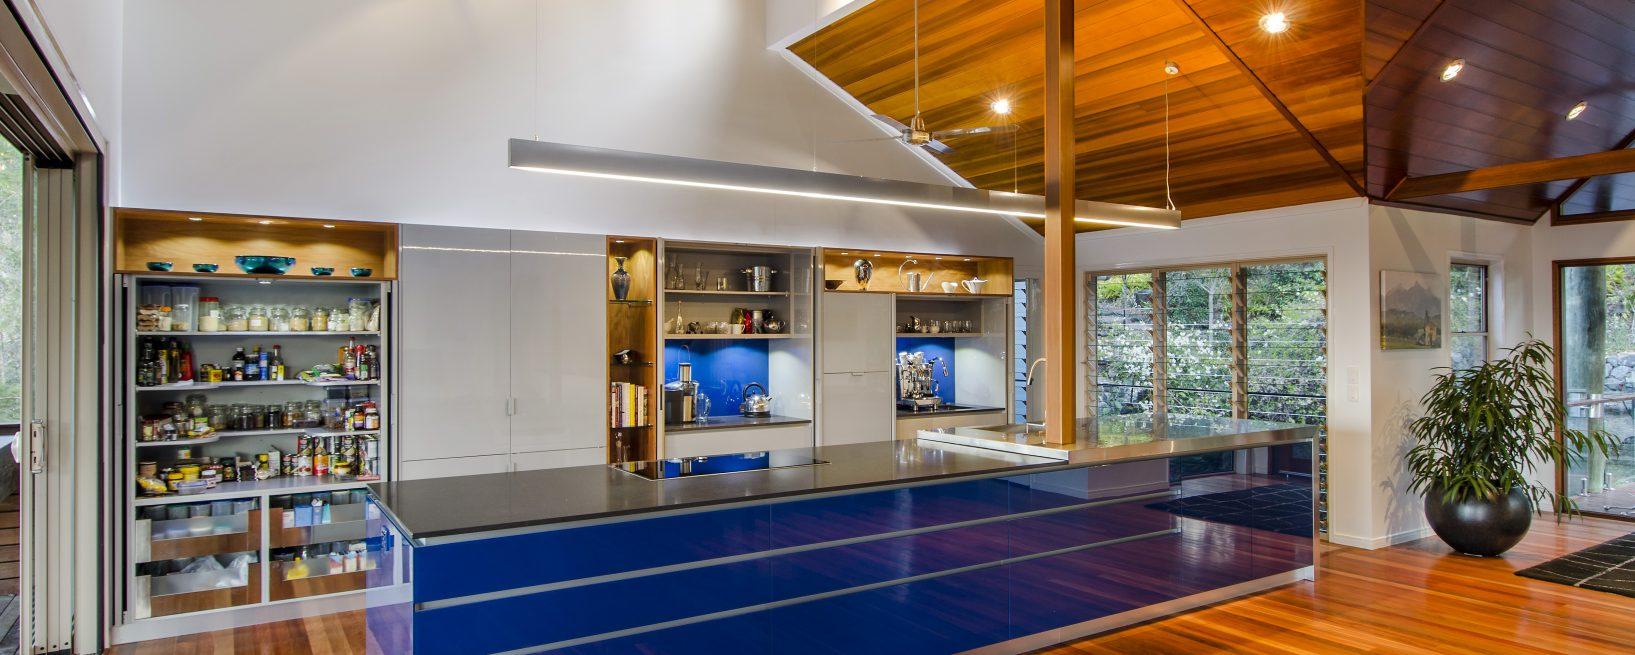 Blum Dynamic Space Kitchen Work Zones